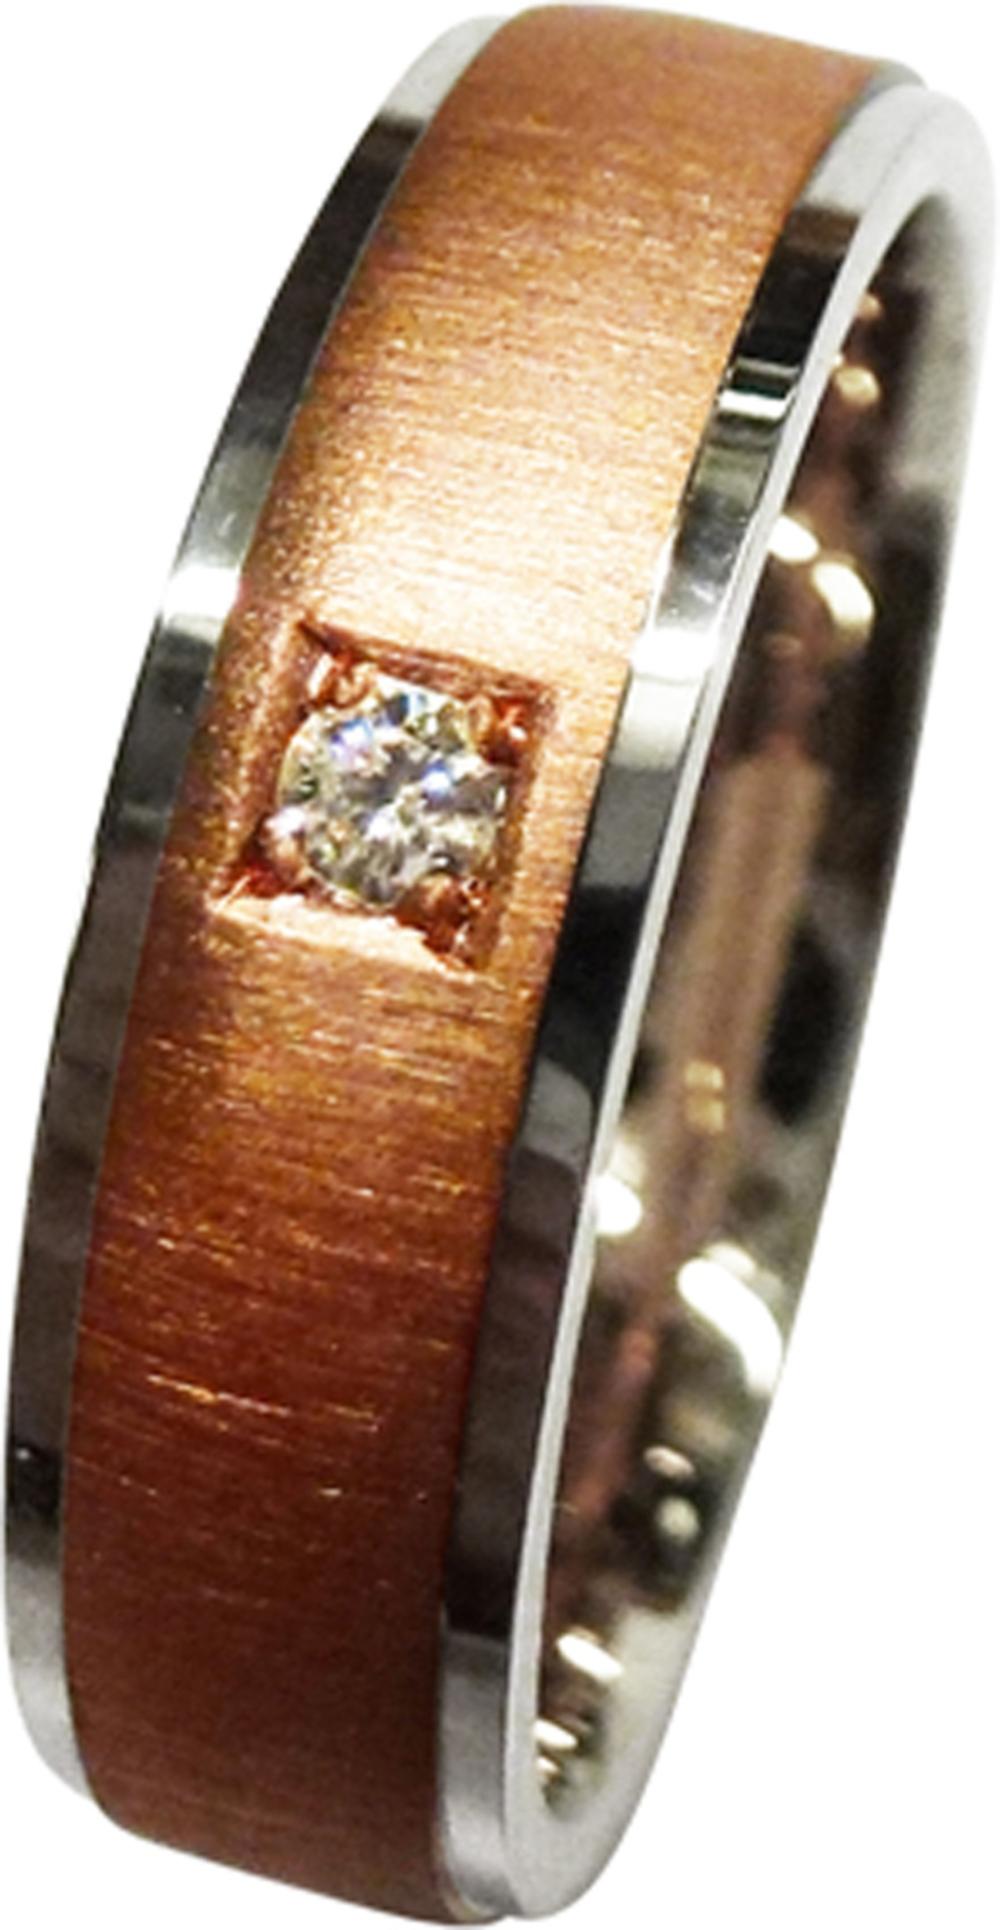 CH.ABRAMOWICZ Trauring/Ehering in Weissgold und Rotgold mit einem Brillant 100497300